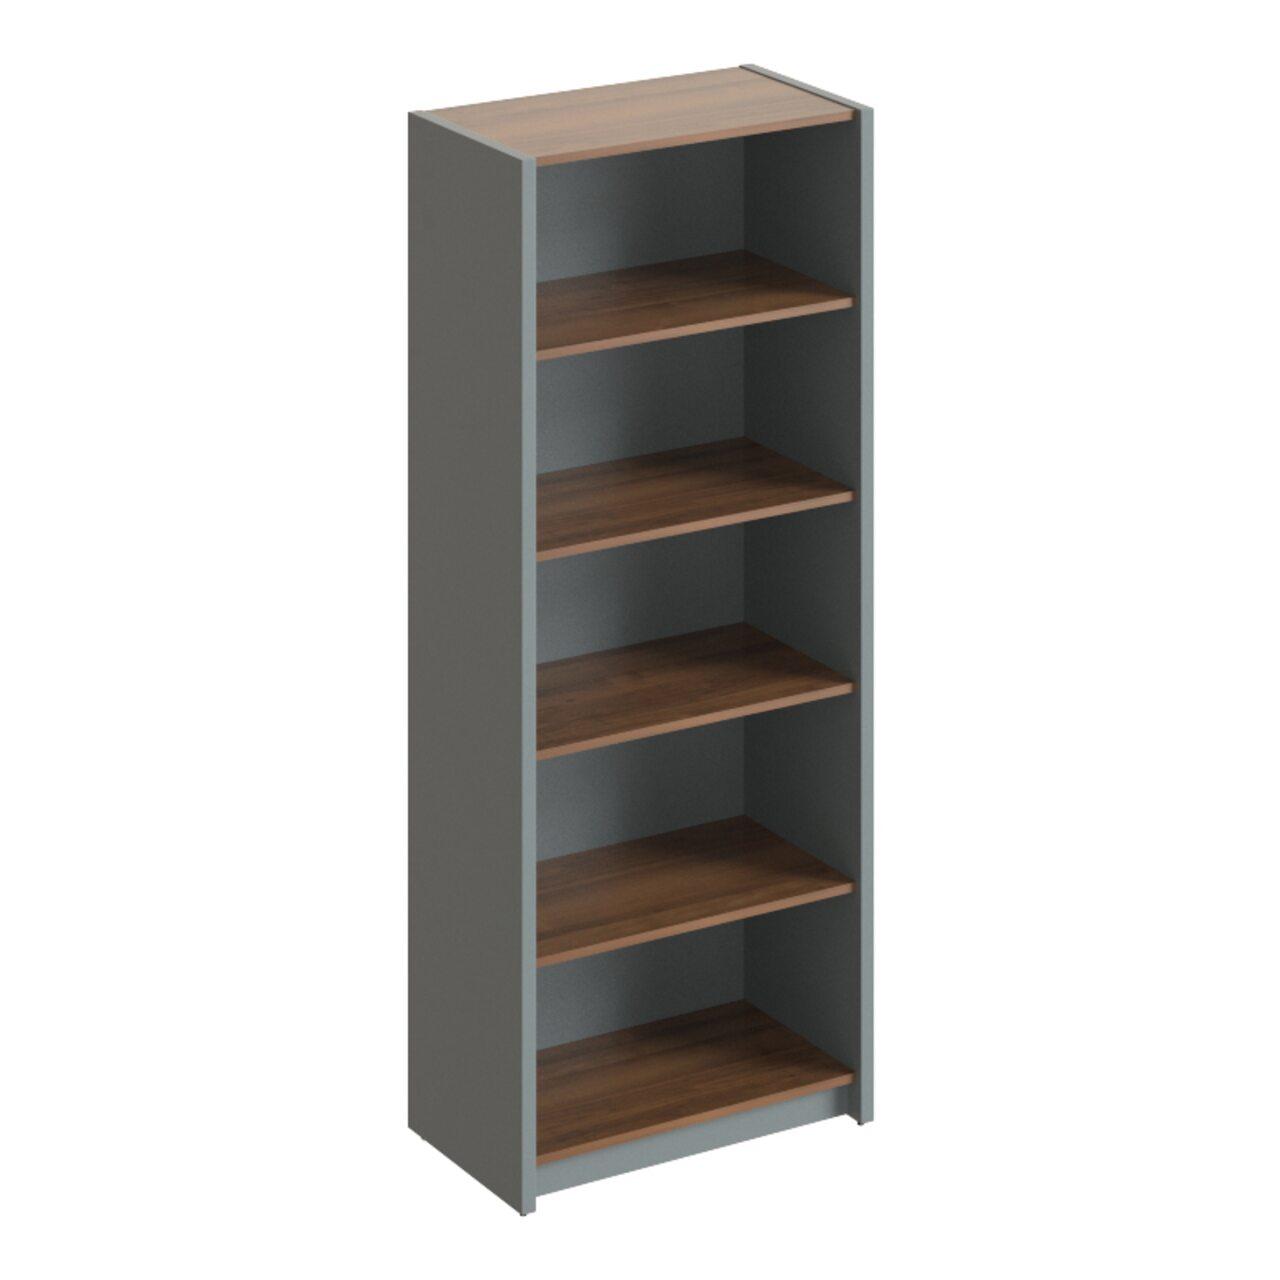 Шкаф высокий открытый  Дельта 80x45x200 - фото 3